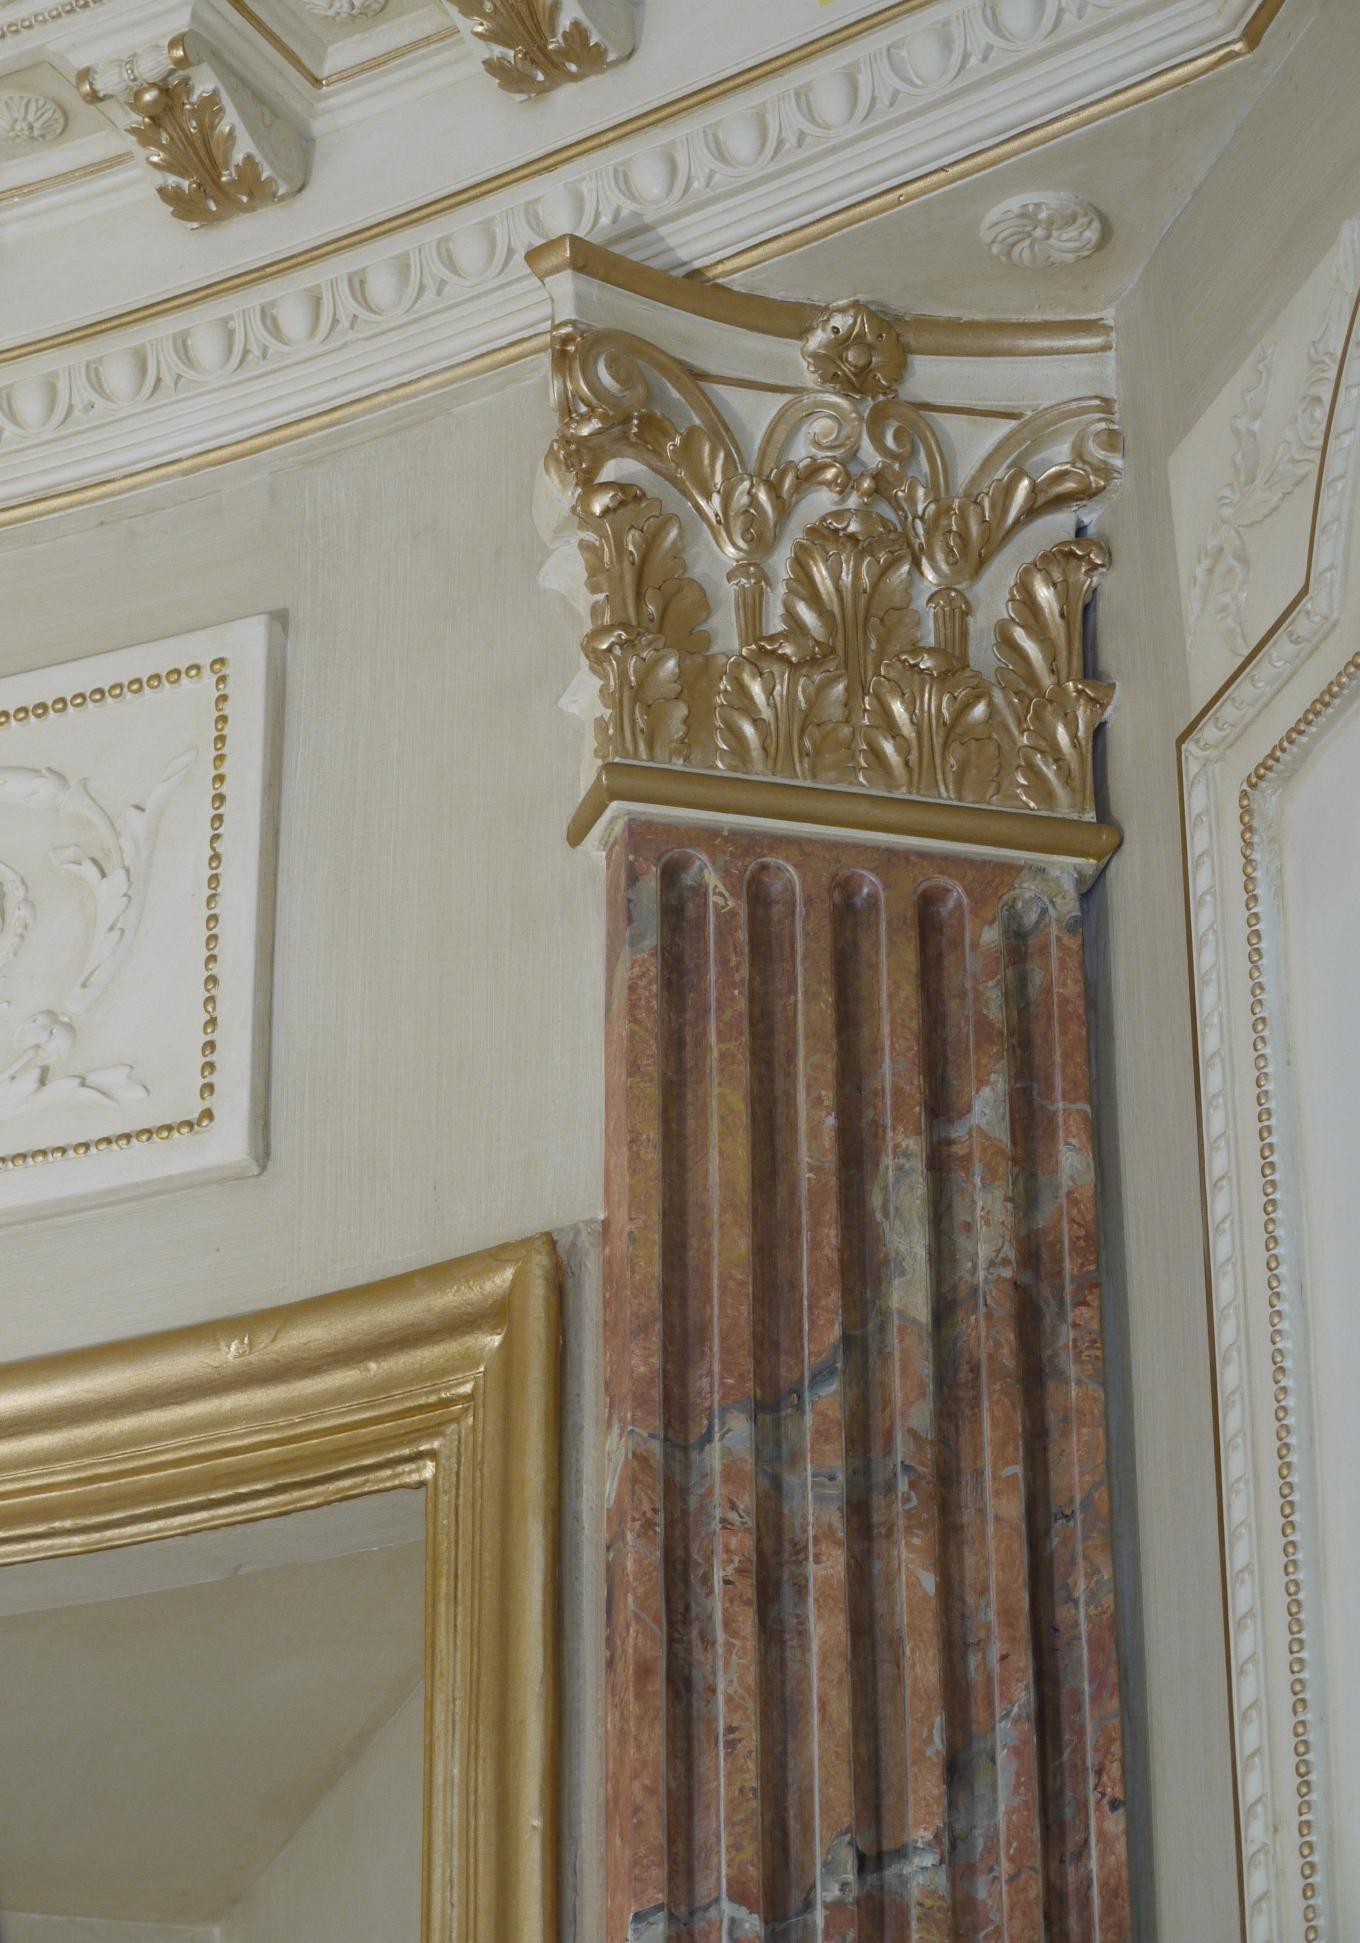 imitation de marbre patines et dorures d tail d 39 un pilastre cannel peintres. Black Bedroom Furniture Sets. Home Design Ideas